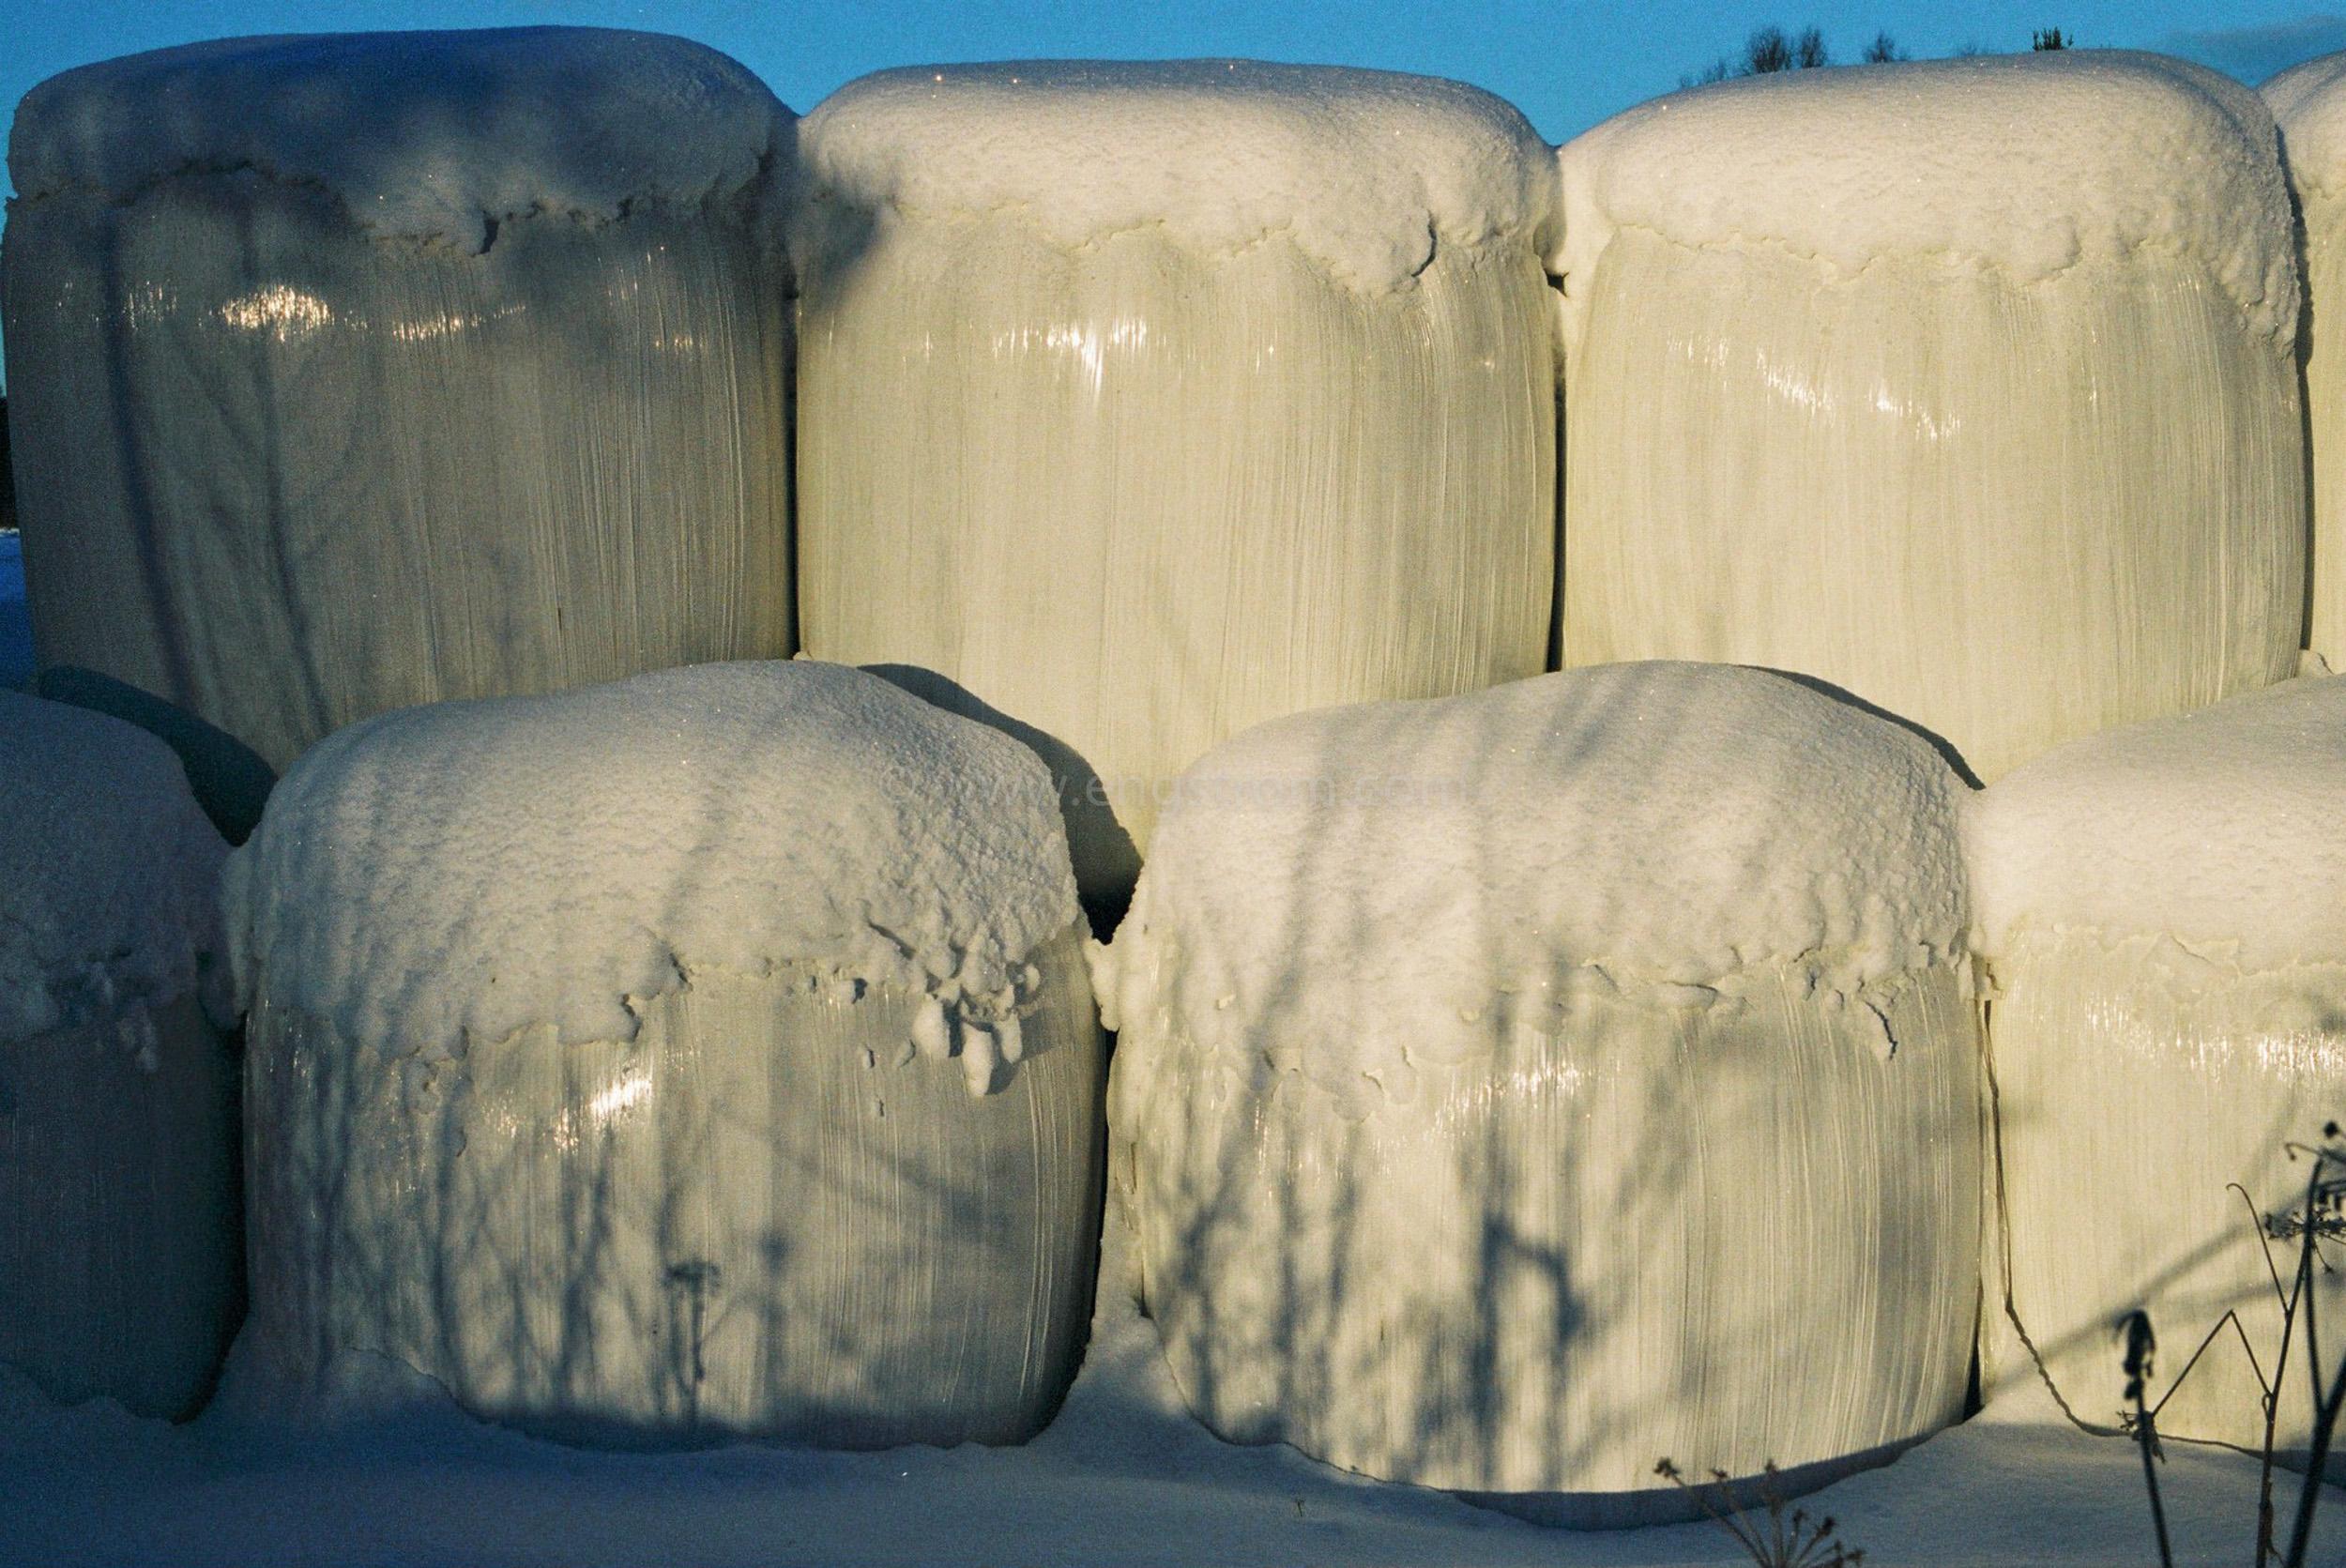 JE0400_045, Ensilagebalar på vintern. Hälsingland vintern 2004, Jonas Engström